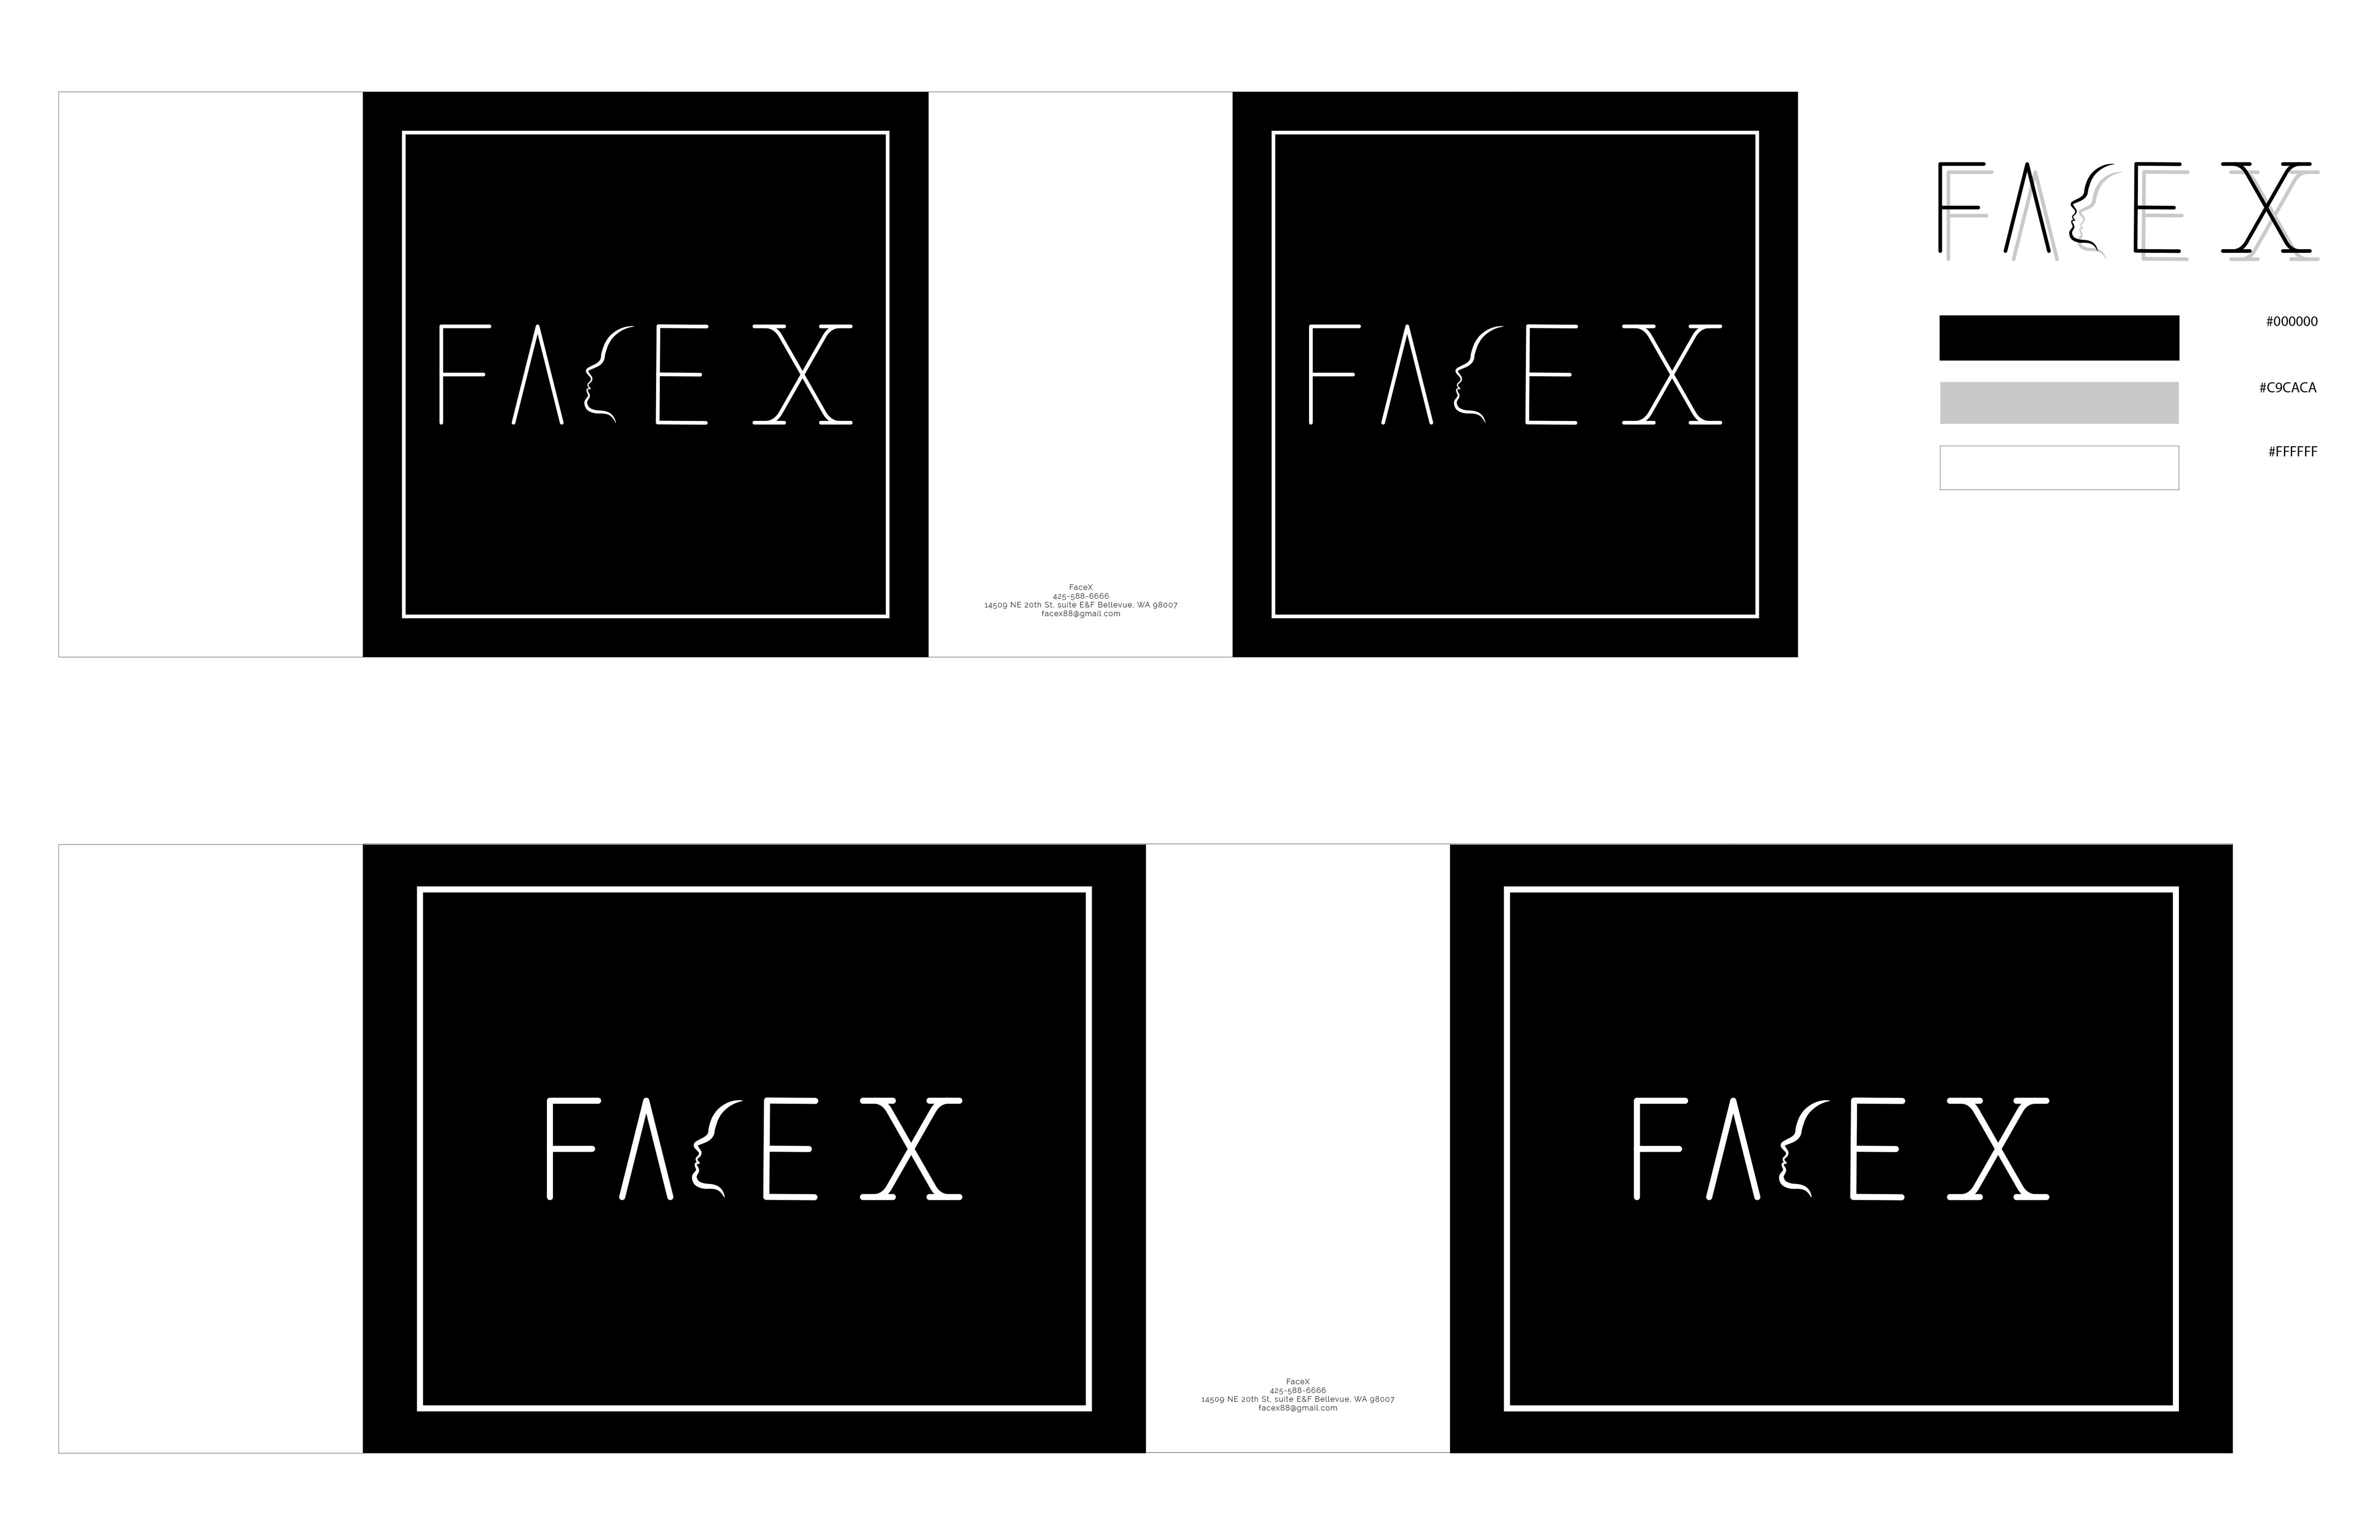 FaceX Shopbag